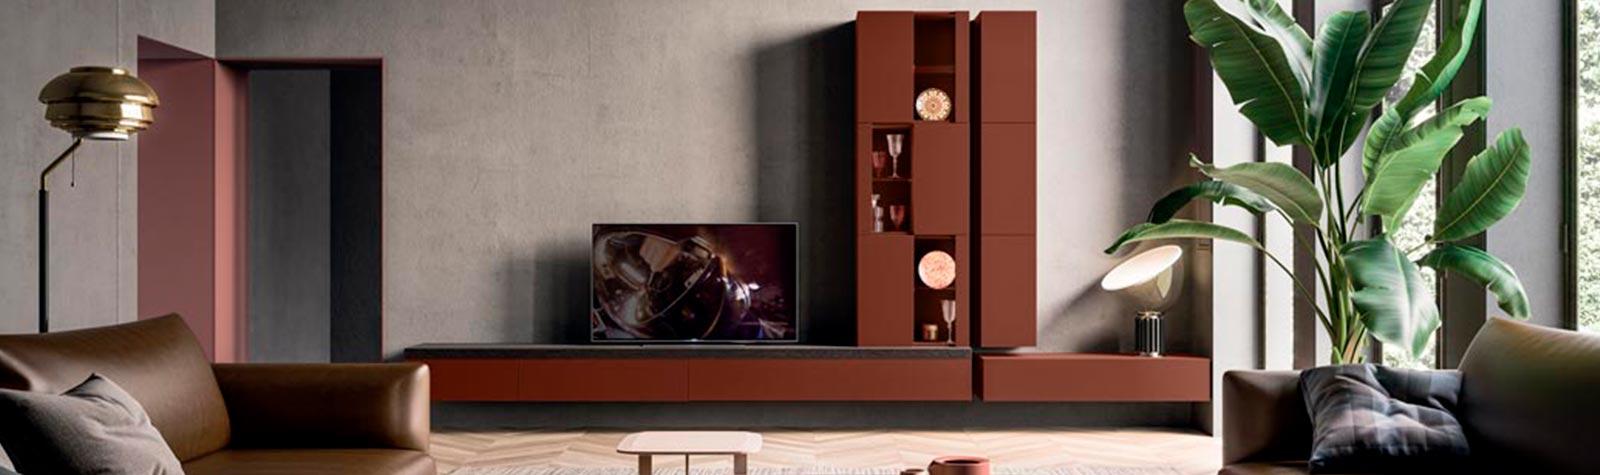 Arredare il salotto: idee per comporre l'area relax (indoor)